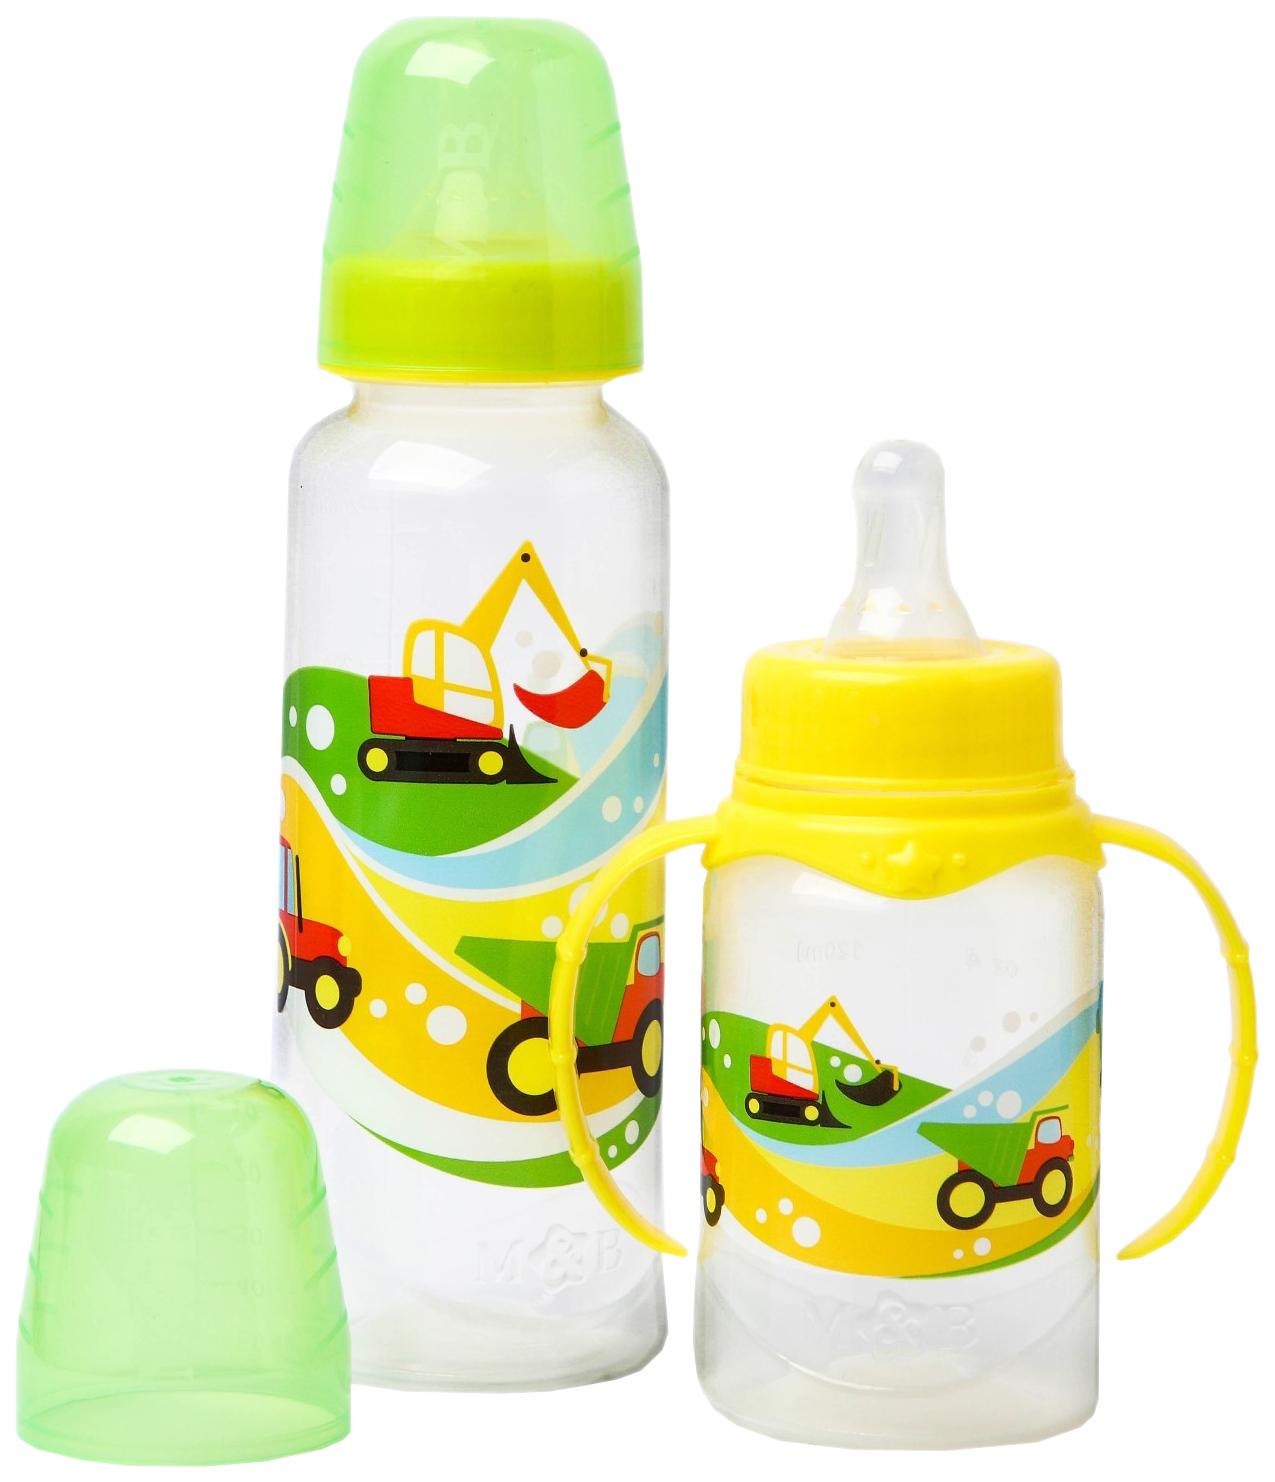 Подарочный детский набор Транспорт от 0 мес., цвет желтый Mum&Baby